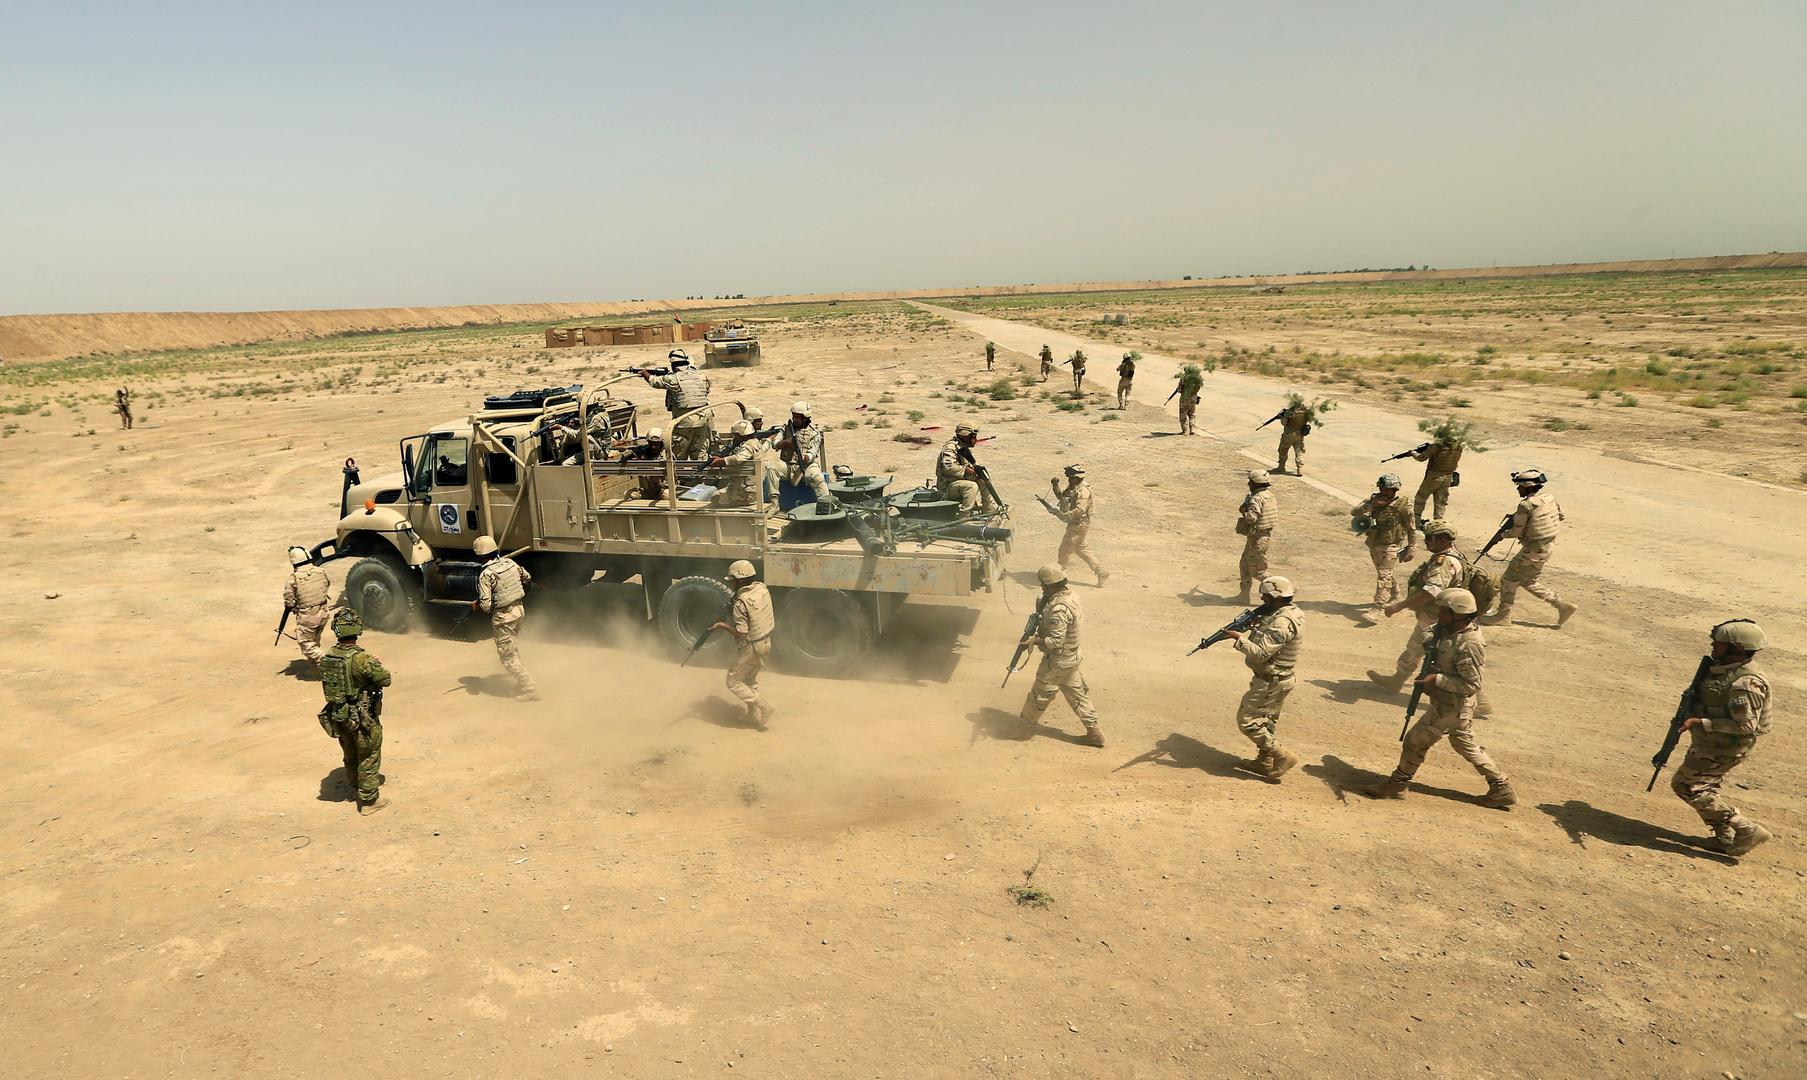 ضحية وجرحى من عناصر الجيش العراقي باستهداف دورية عسكرية شمال شرقي ديالى